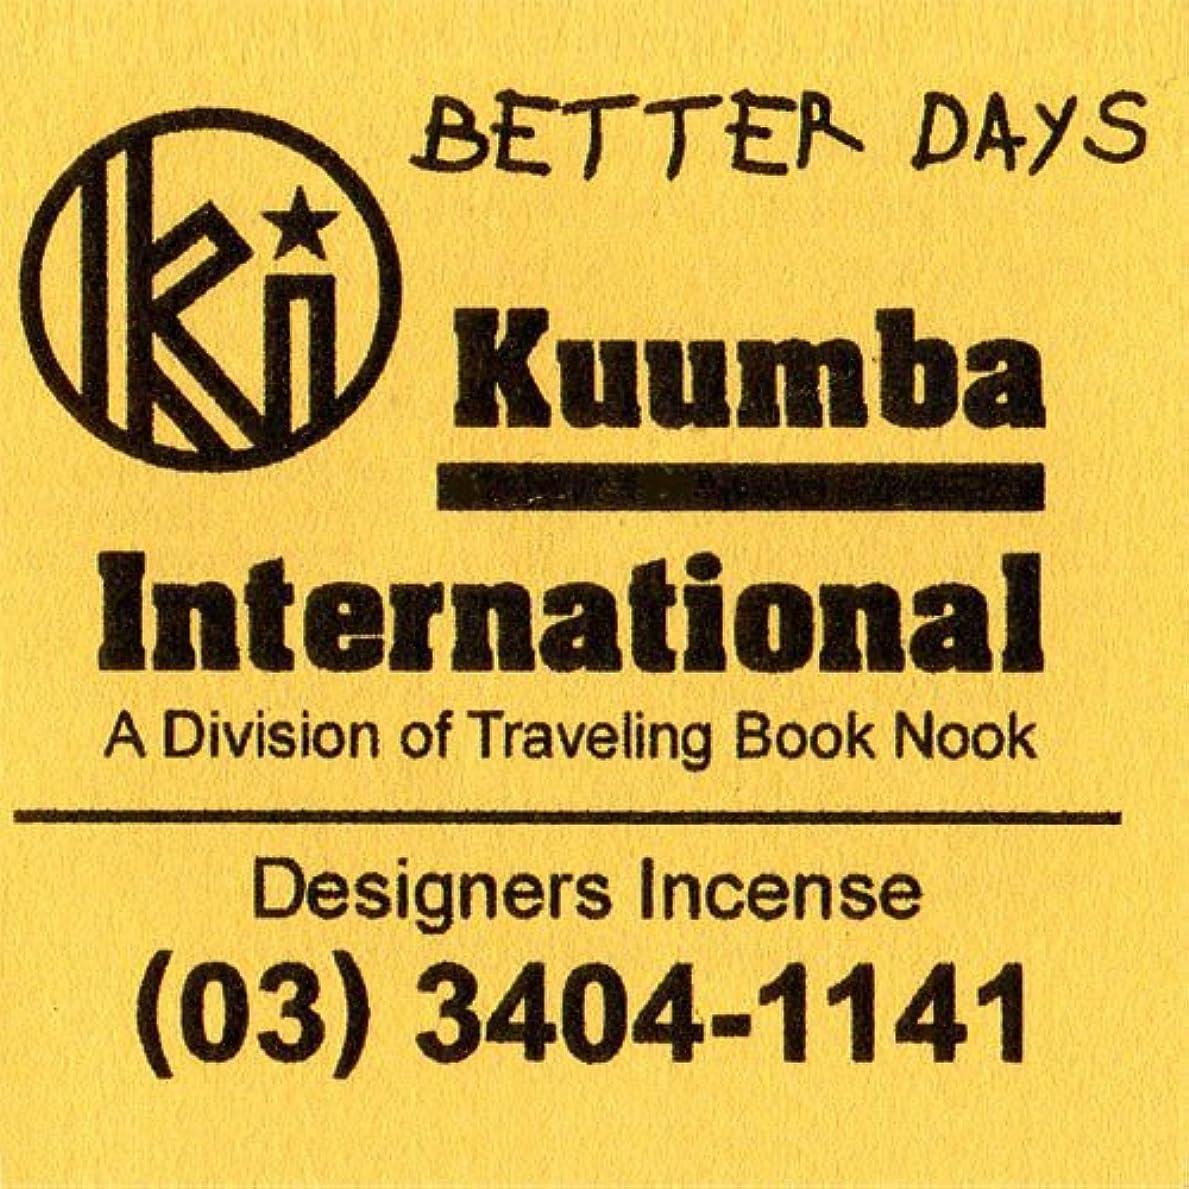 位置づける服を着る変数KUUMBA/クンバ『incense』(BETTER DAYS) (Regular size)